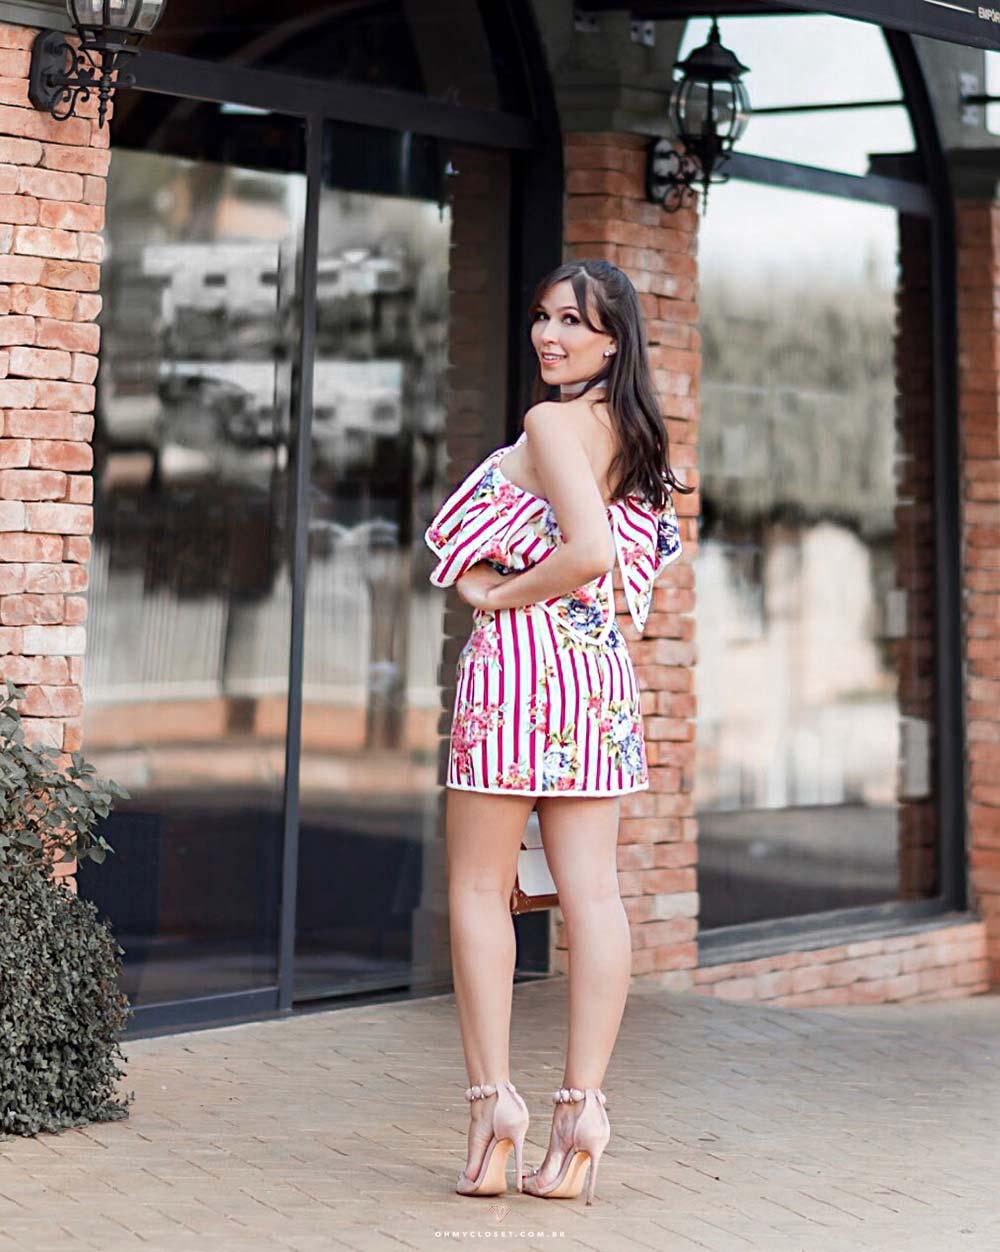 Vestido Hortênsia de umbro só da S Club skazi, por Mônica Araújo.